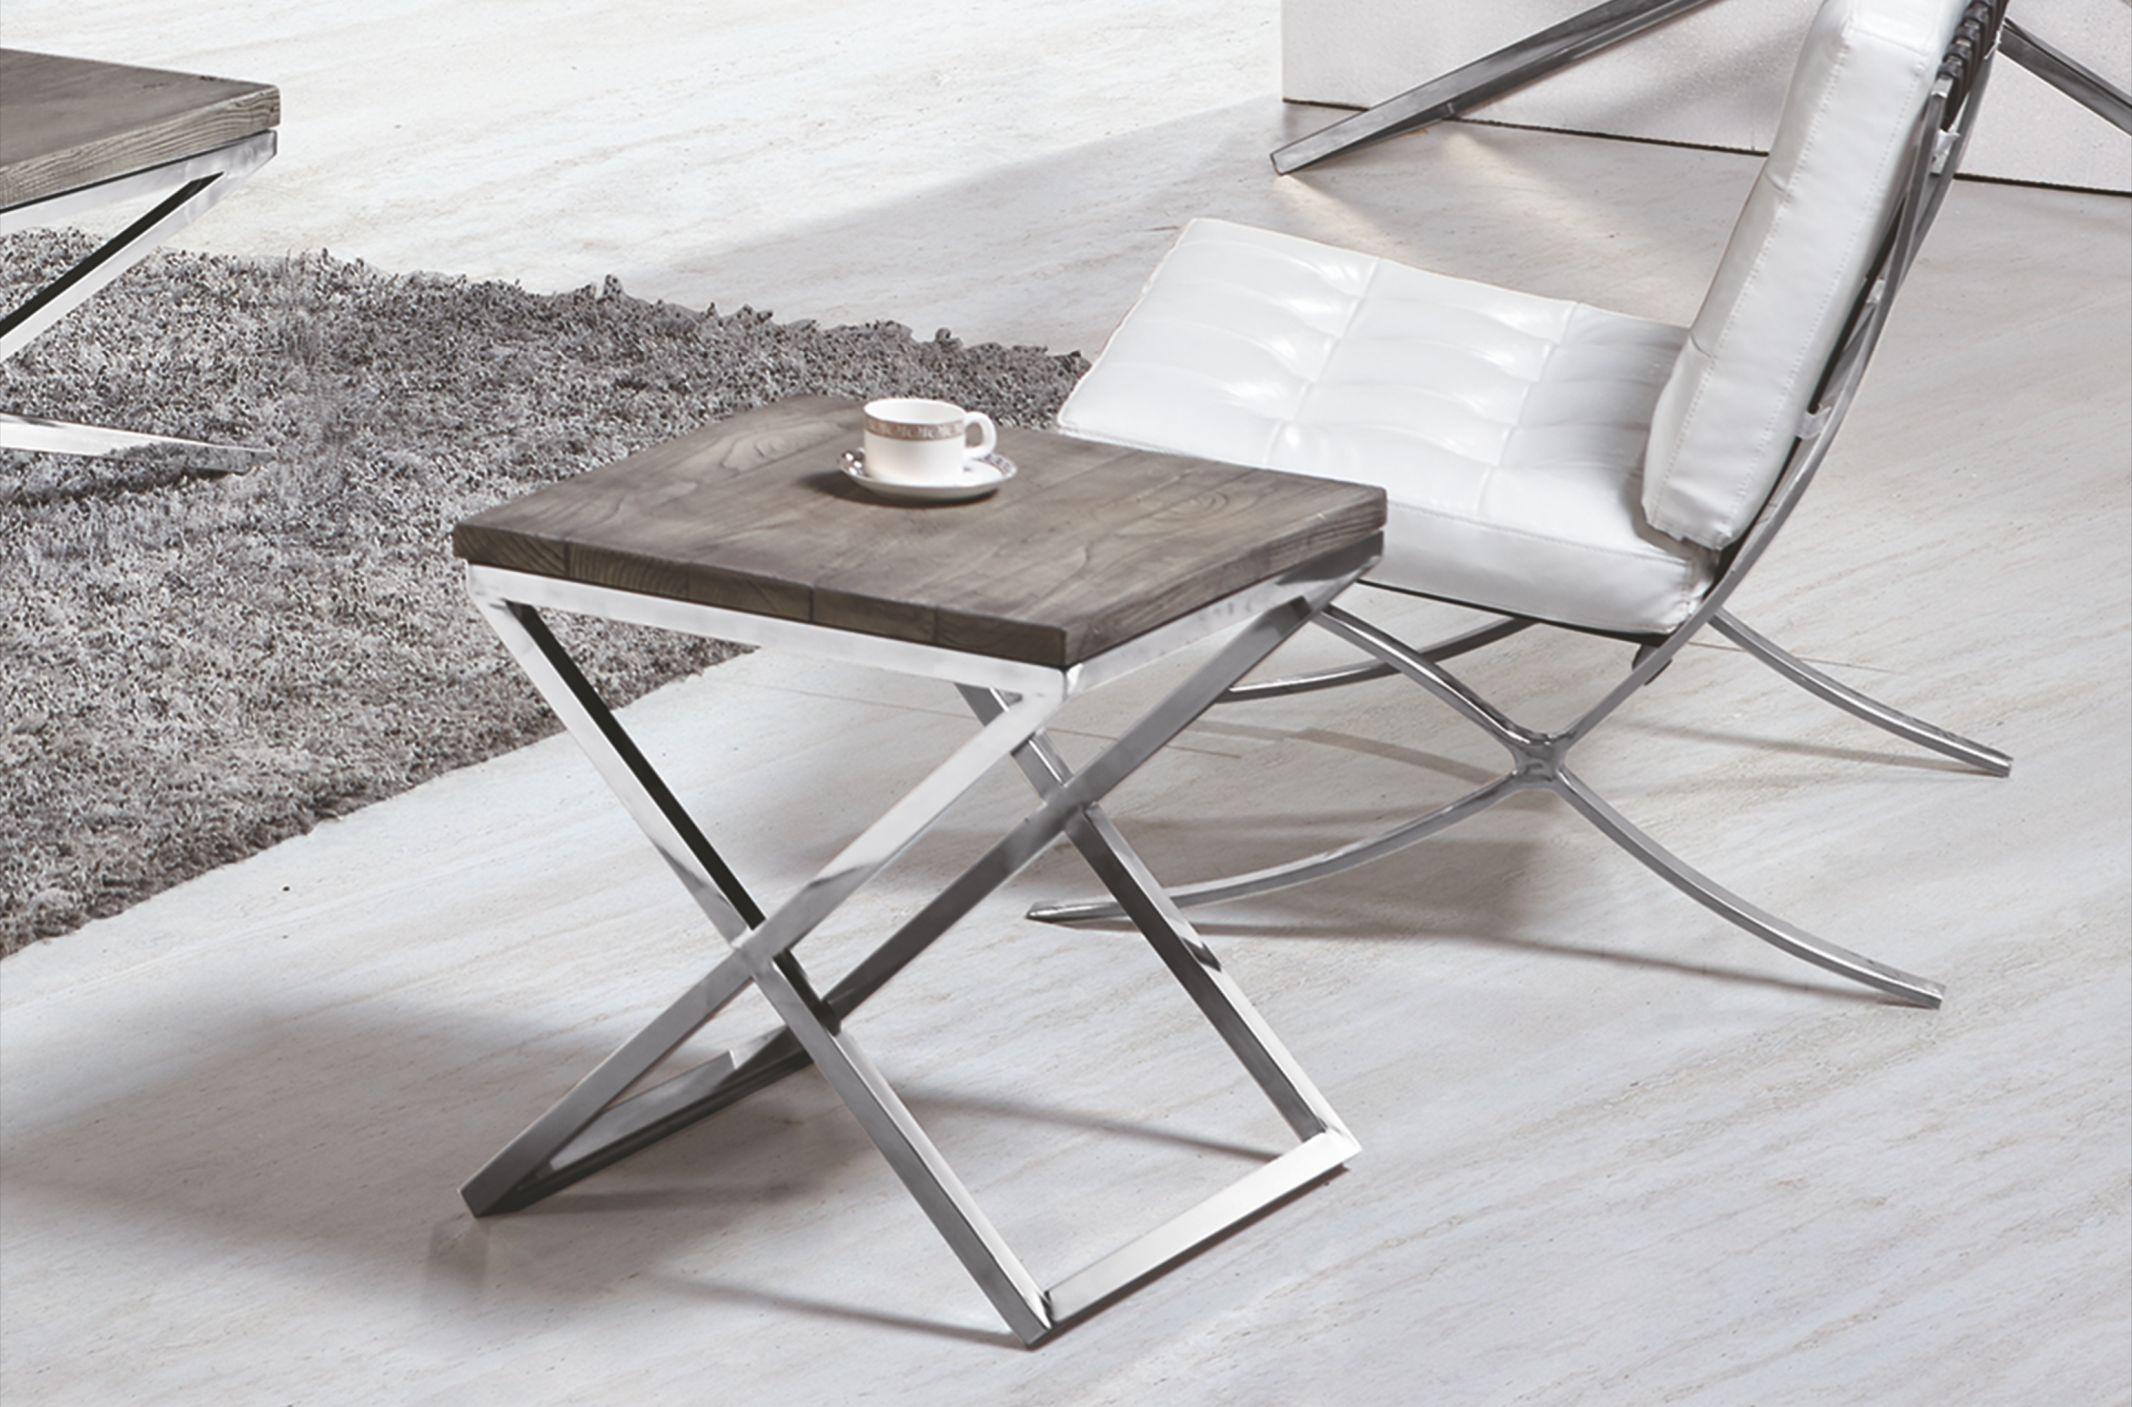 decopoint m bel in troisdorf rixos 1220 chrom silber gold beistelltisch verschiedene gr en. Black Bedroom Furniture Sets. Home Design Ideas